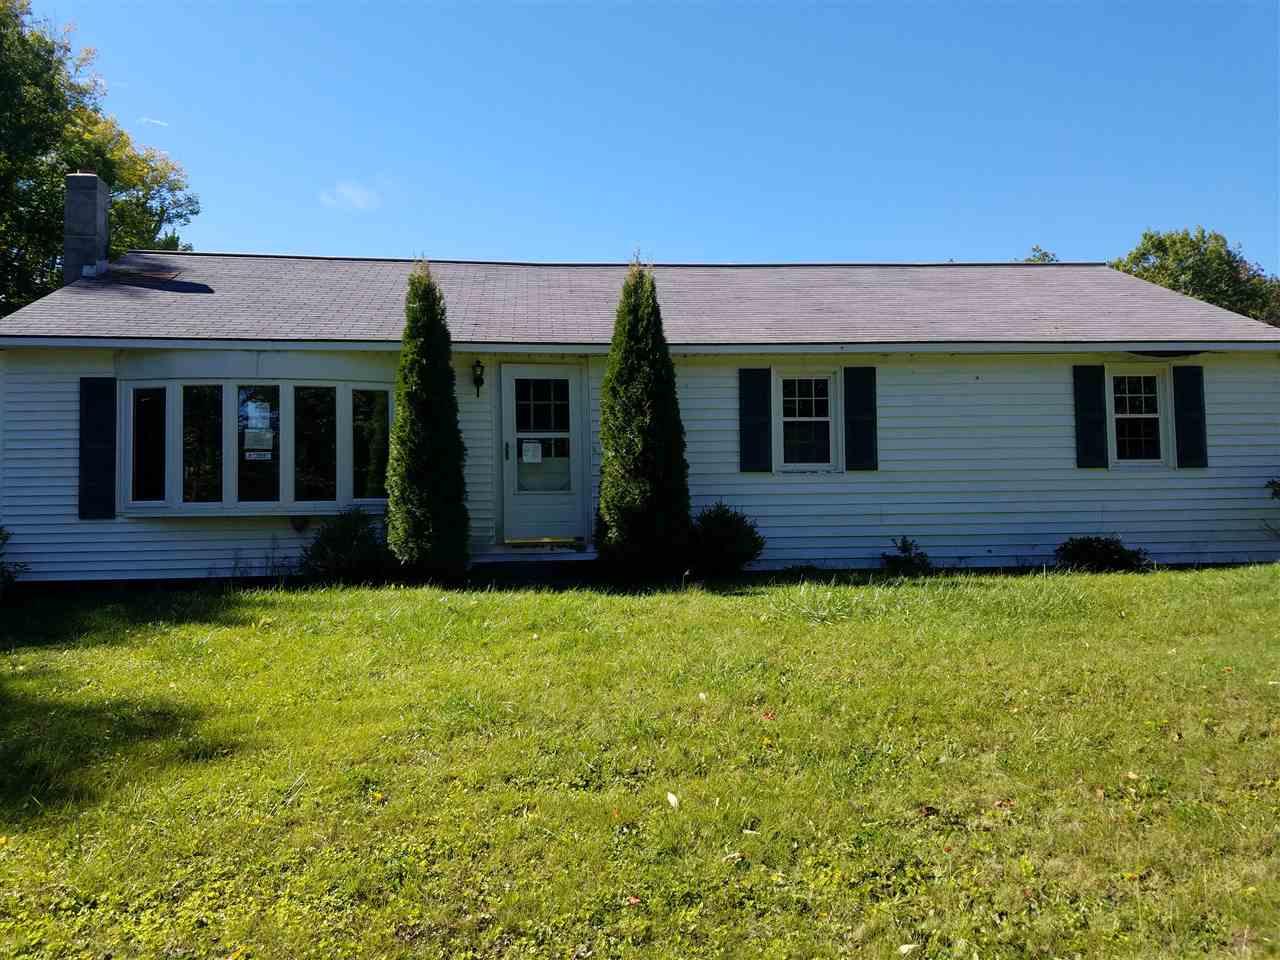 513 Dodge Hollow Rd, Lempster, NH 03605